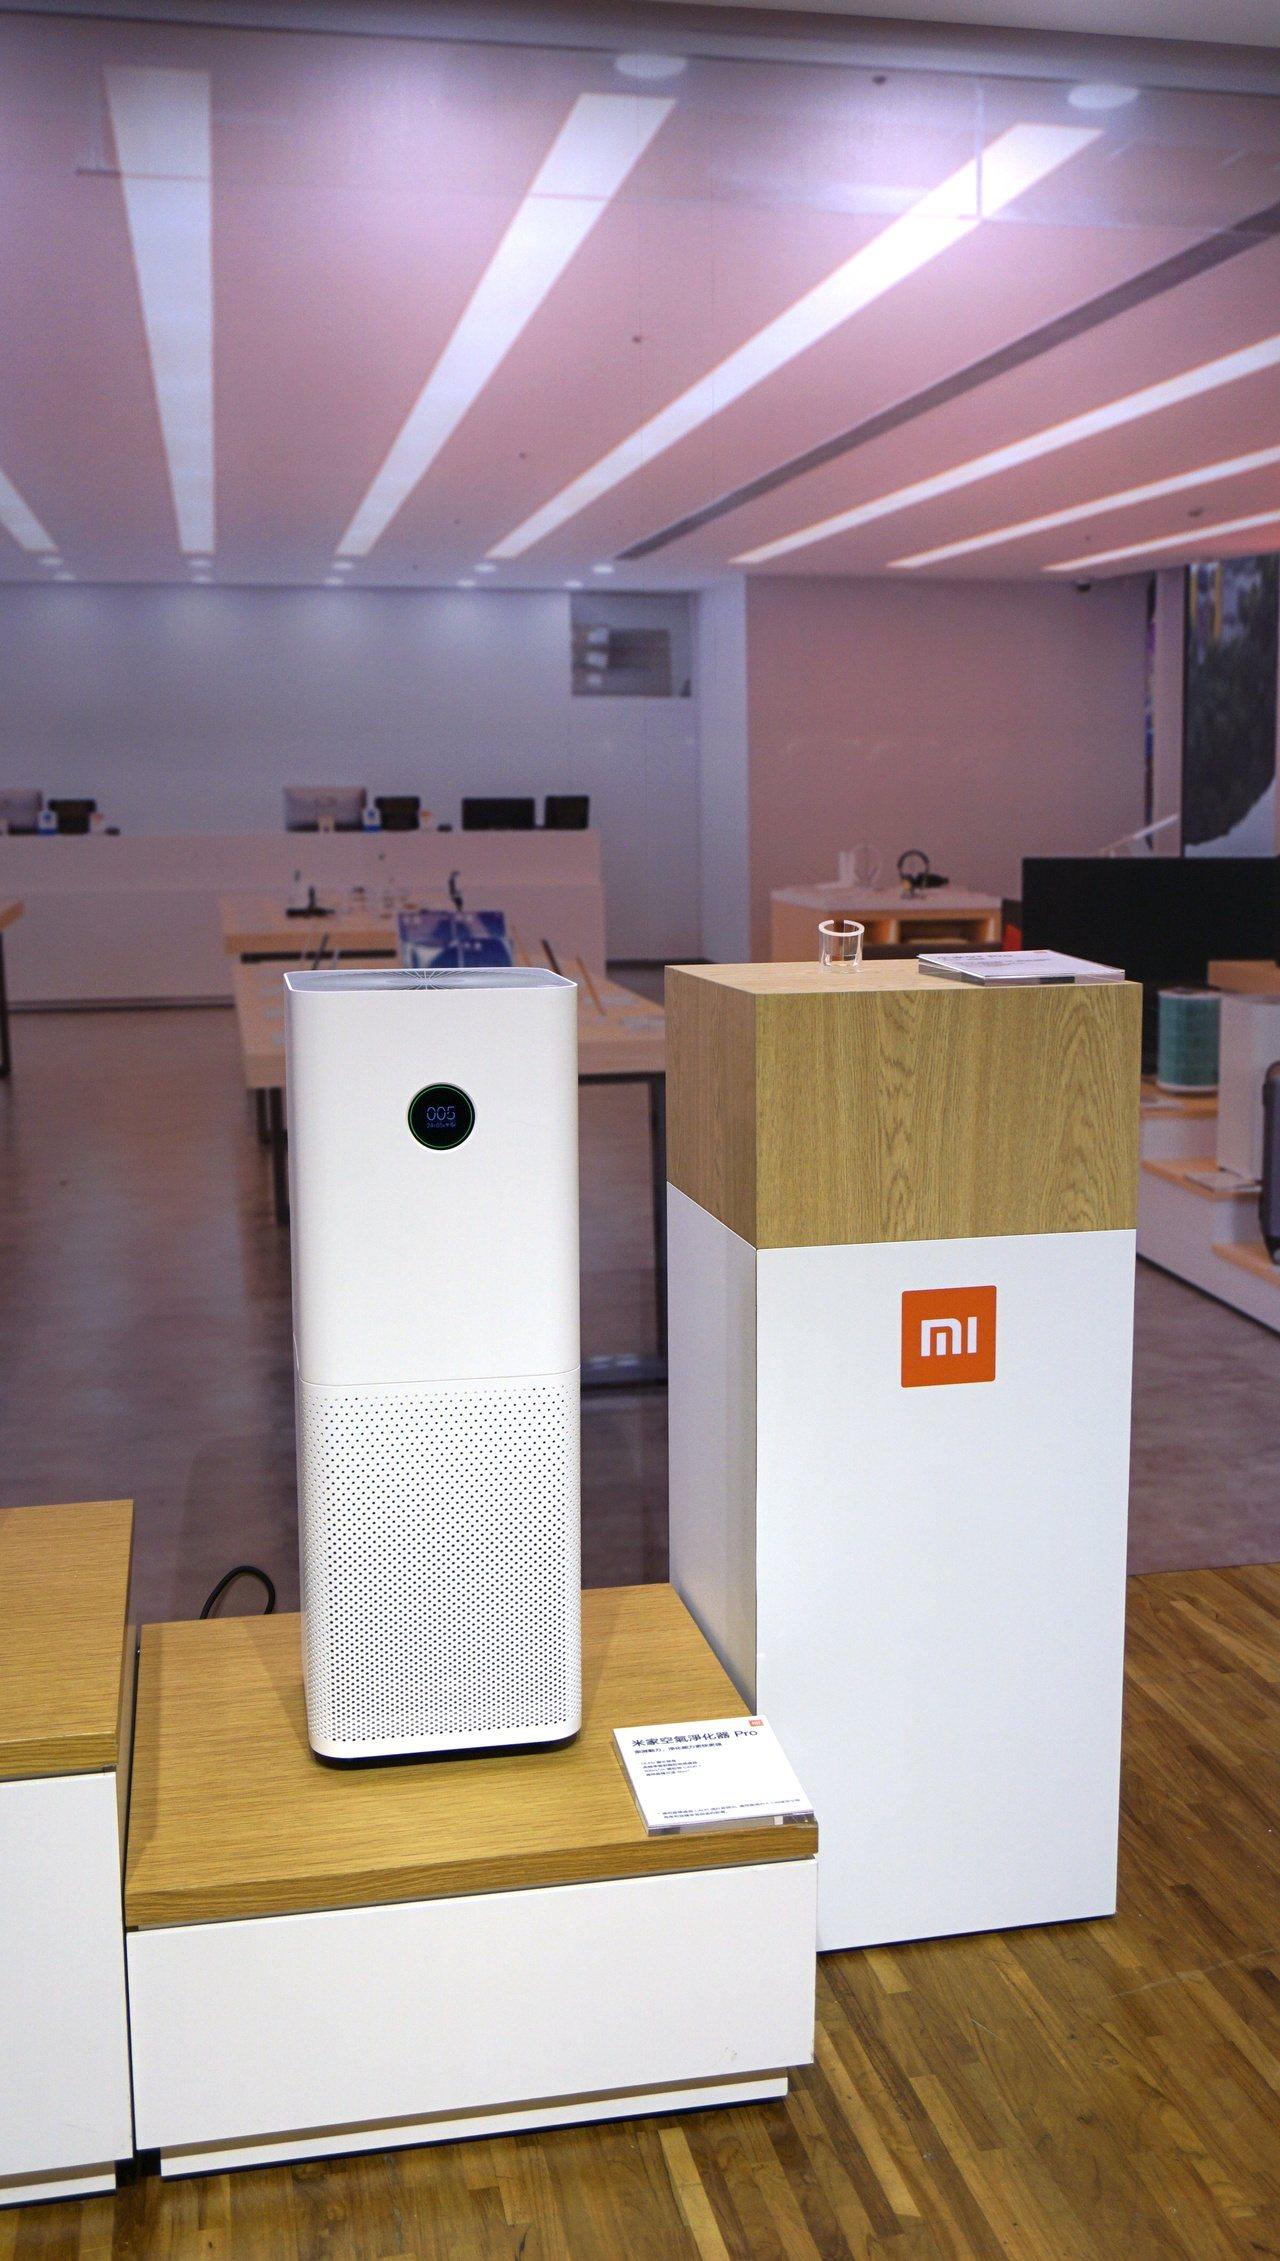 米家空氣淨化器Pro,建議售價6,895元。記者黃筱晴/攝影